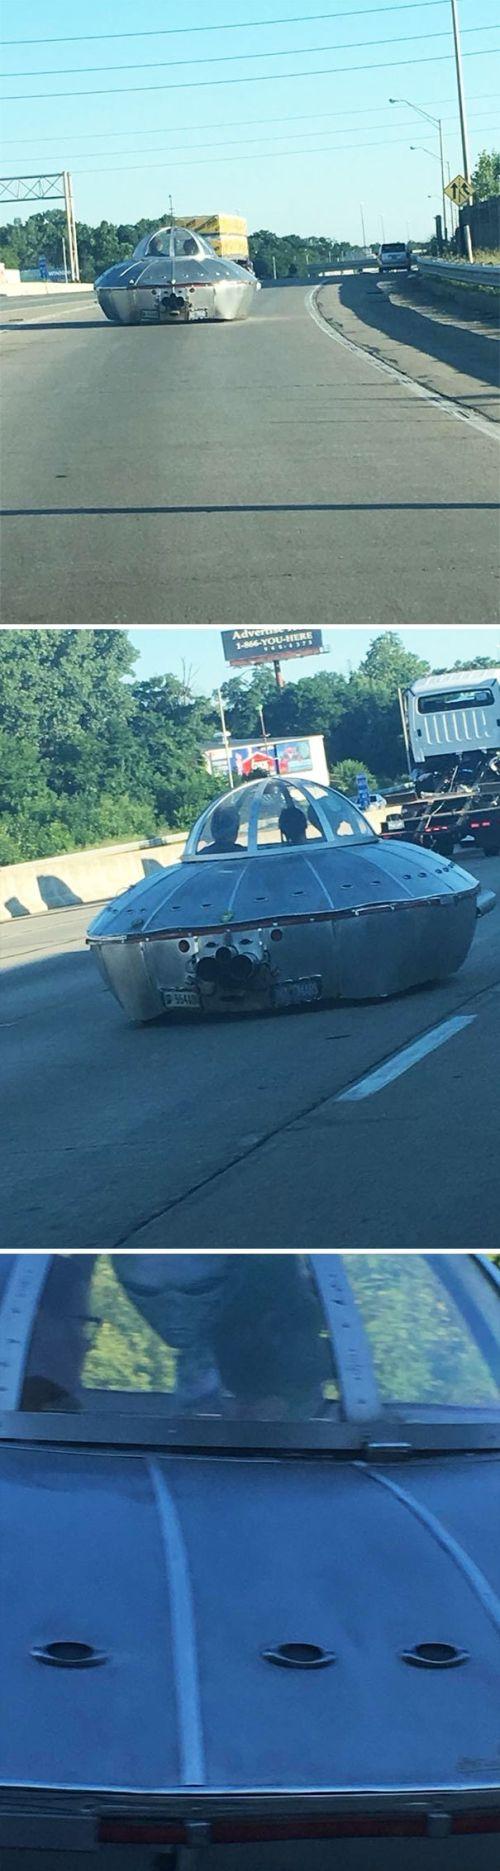 Странные и забавные ситуации, заснятые из окна автомобиля (24 фото)